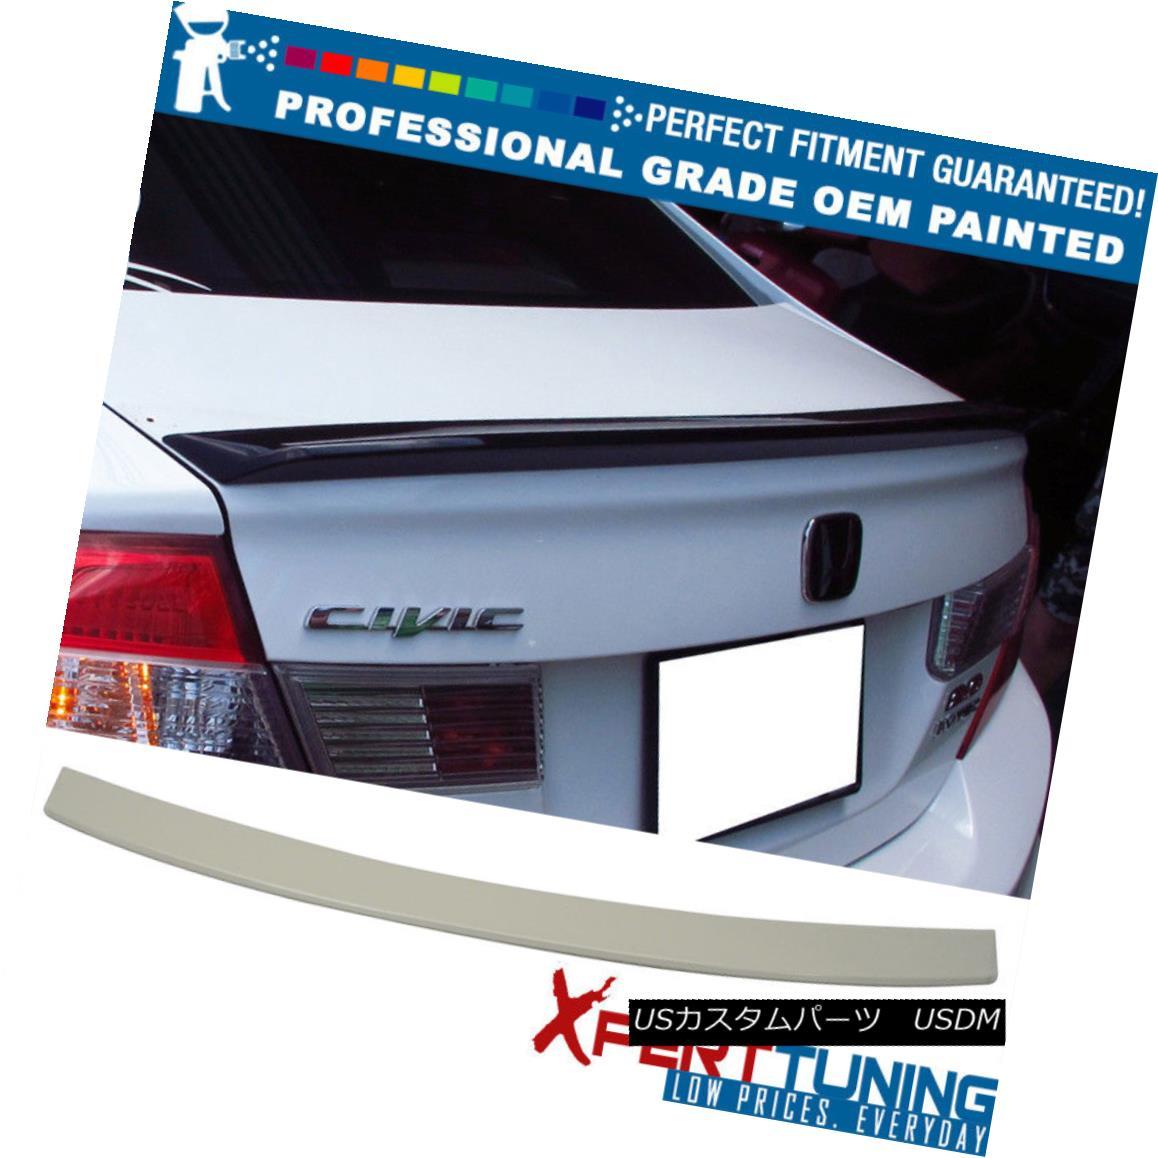 エアロパーツ 12 Honda Civic 9 Gen D Style Painted ABS Trunk Spoiler - OEM Painted Color 12ホンダシビック9 Gen Dスタイル塗装ABSトランクスポイラー - OEM塗装色